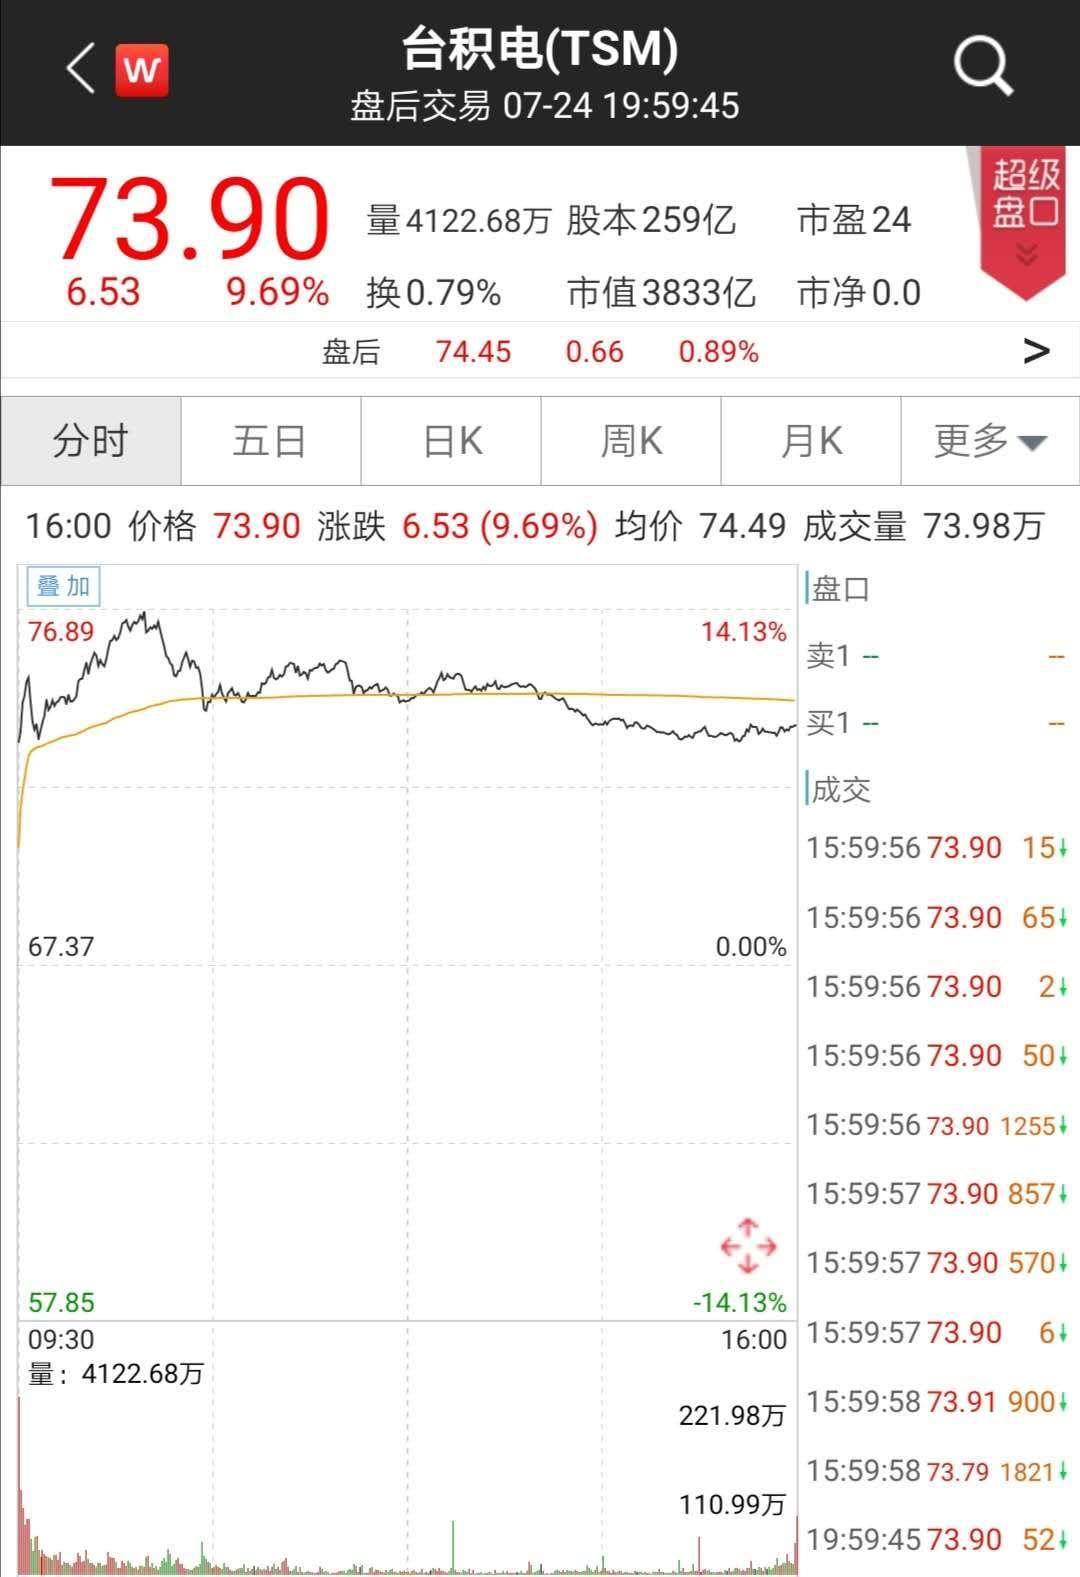 股价一度暴涨14%,市值一夜飙升2300亿元!这家半导体巨头彻底爆发了